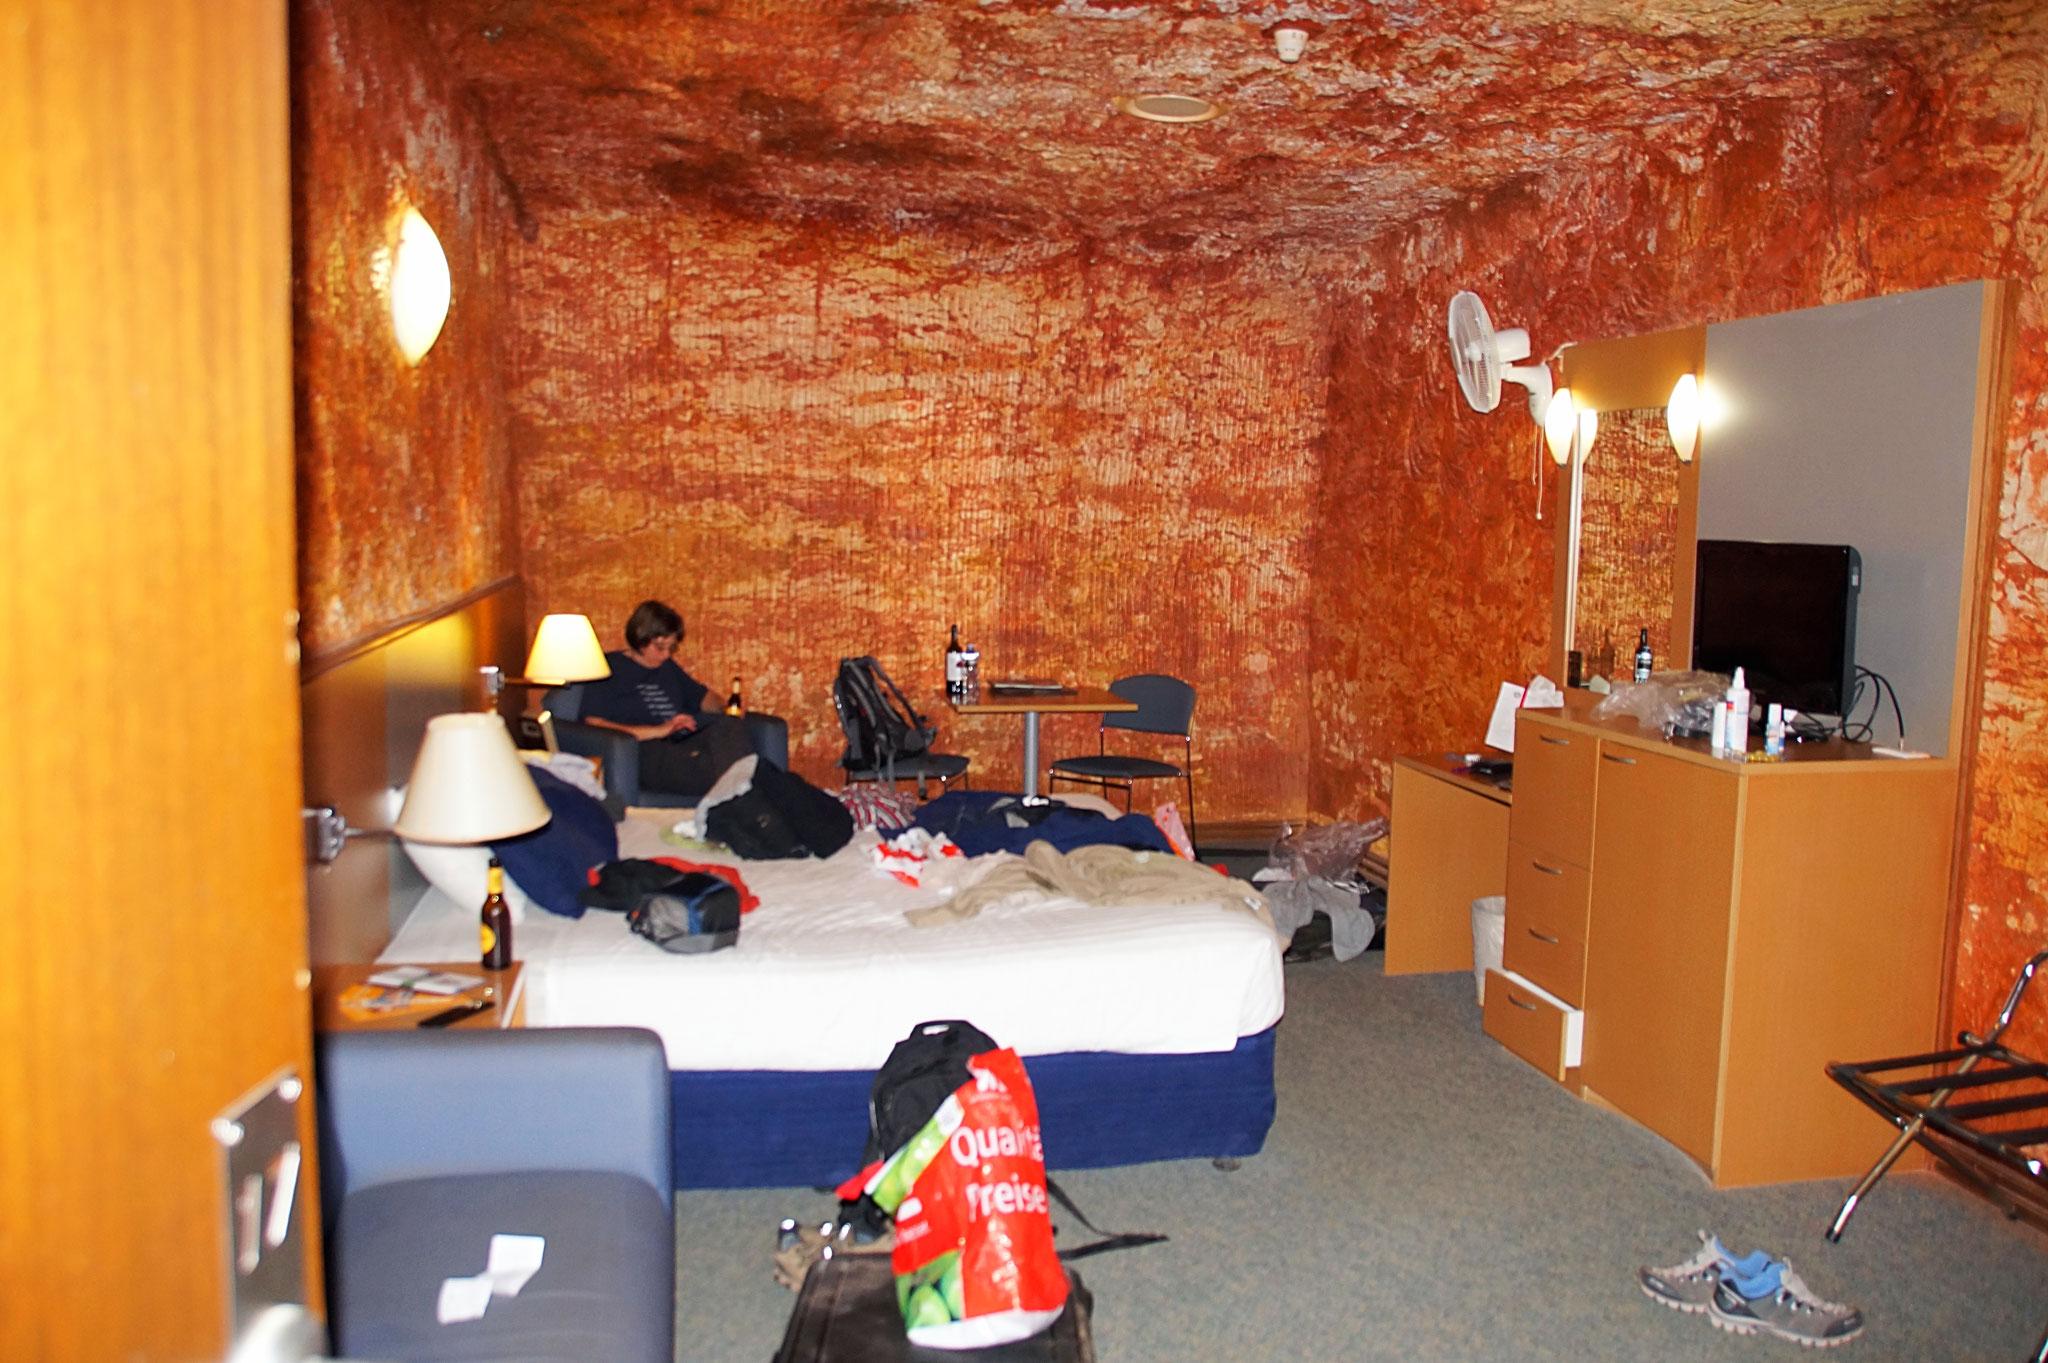 Unsere Wohnhöhle im Desert Cave Hotel.